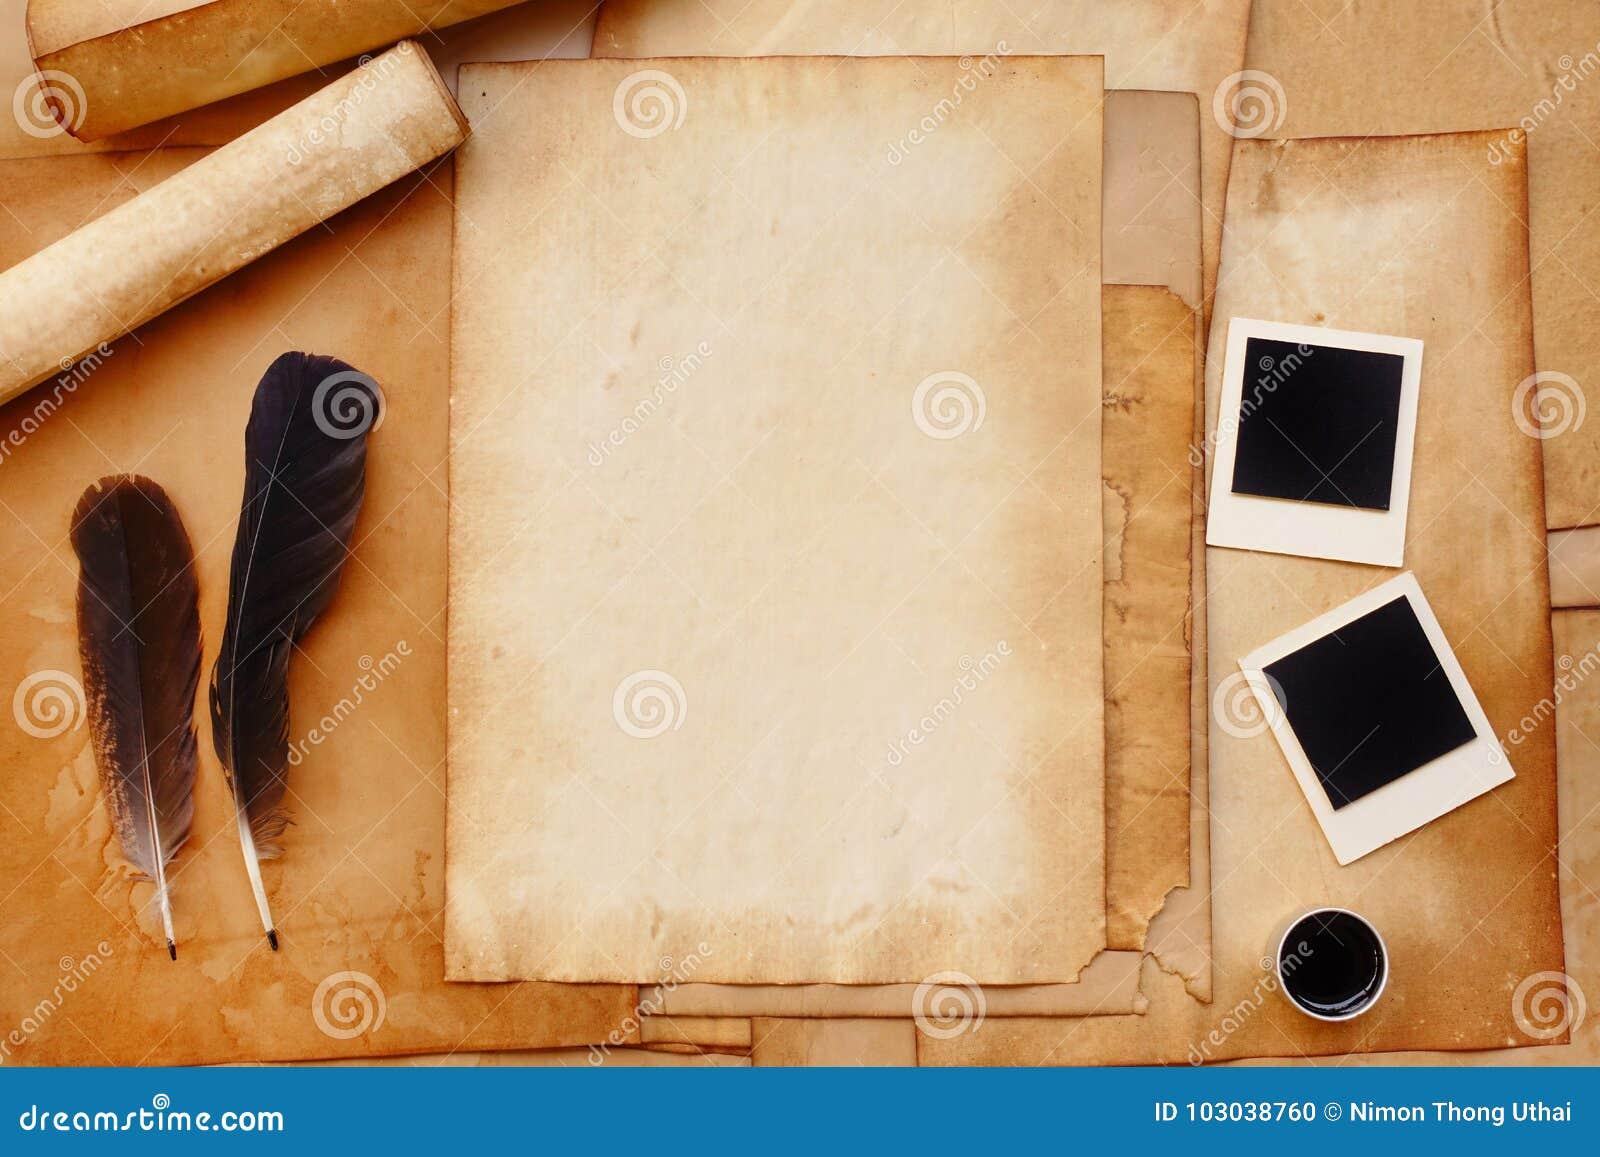 altes papier mit feder und tinte fotorahmen stockfoto bild von gru kommunikation 103038760. Black Bedroom Furniture Sets. Home Design Ideas